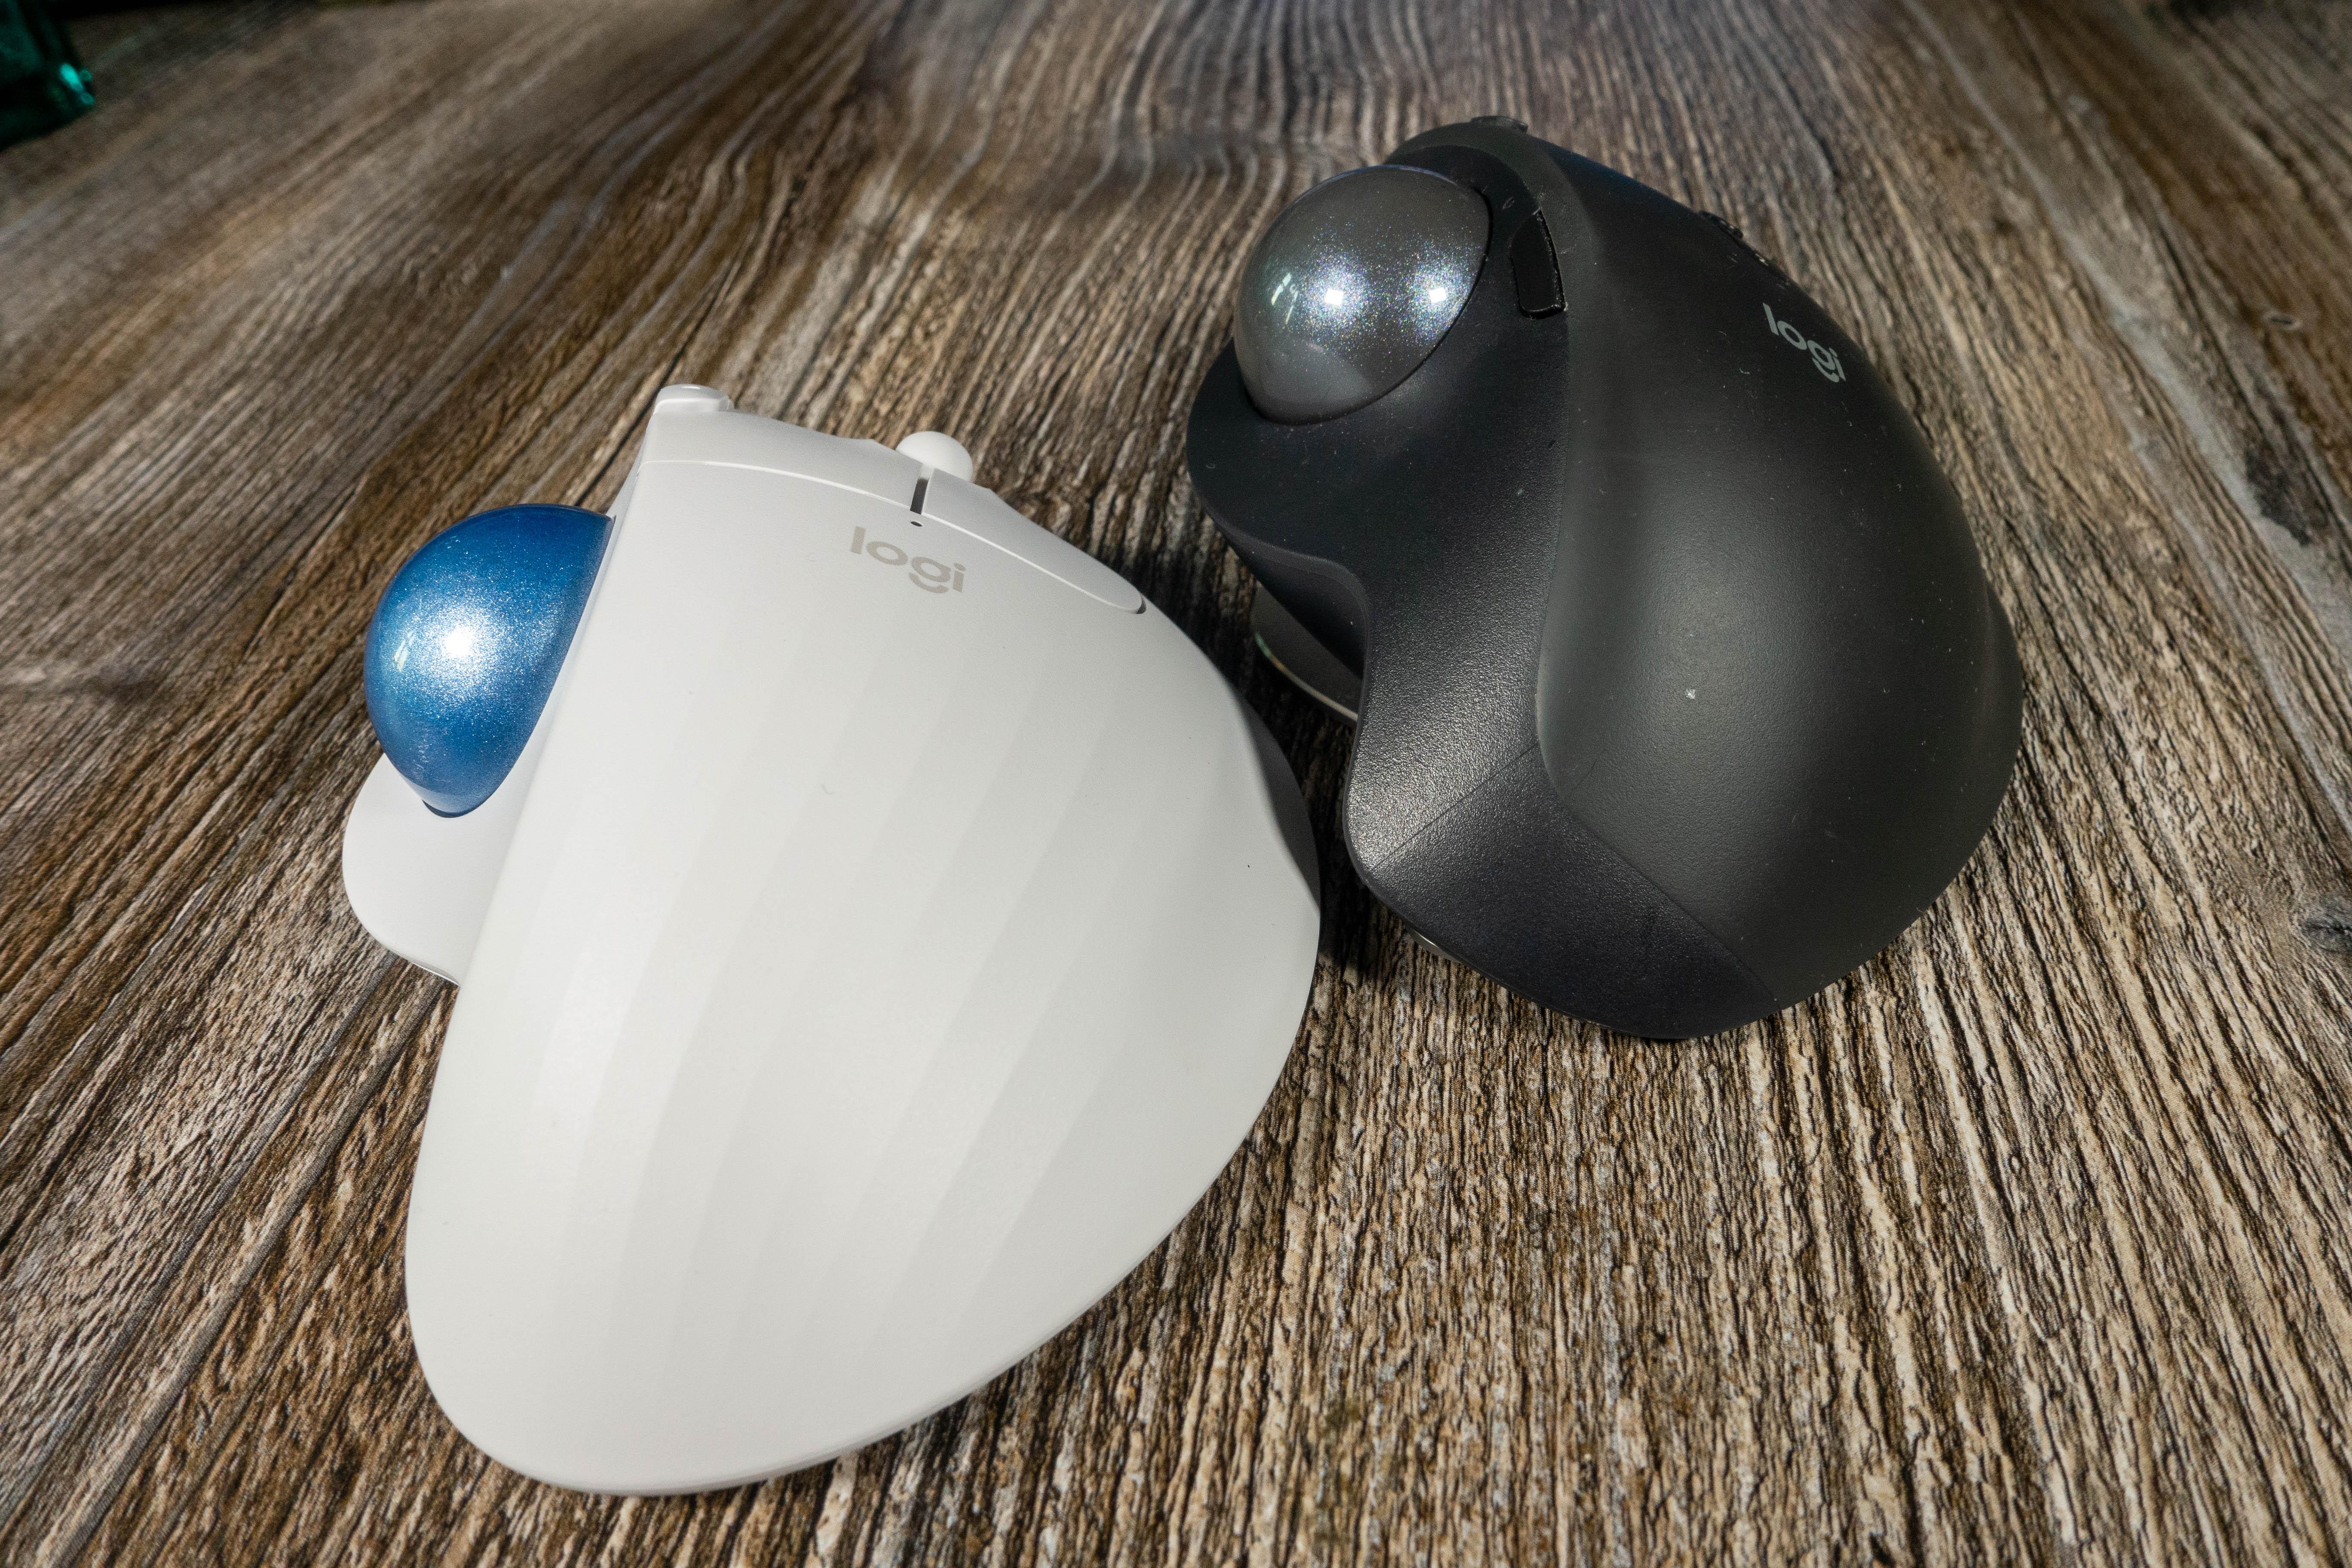 Ergo M575 im Test: Logitechs preiswerter Ergo-Trackball überzeugt -